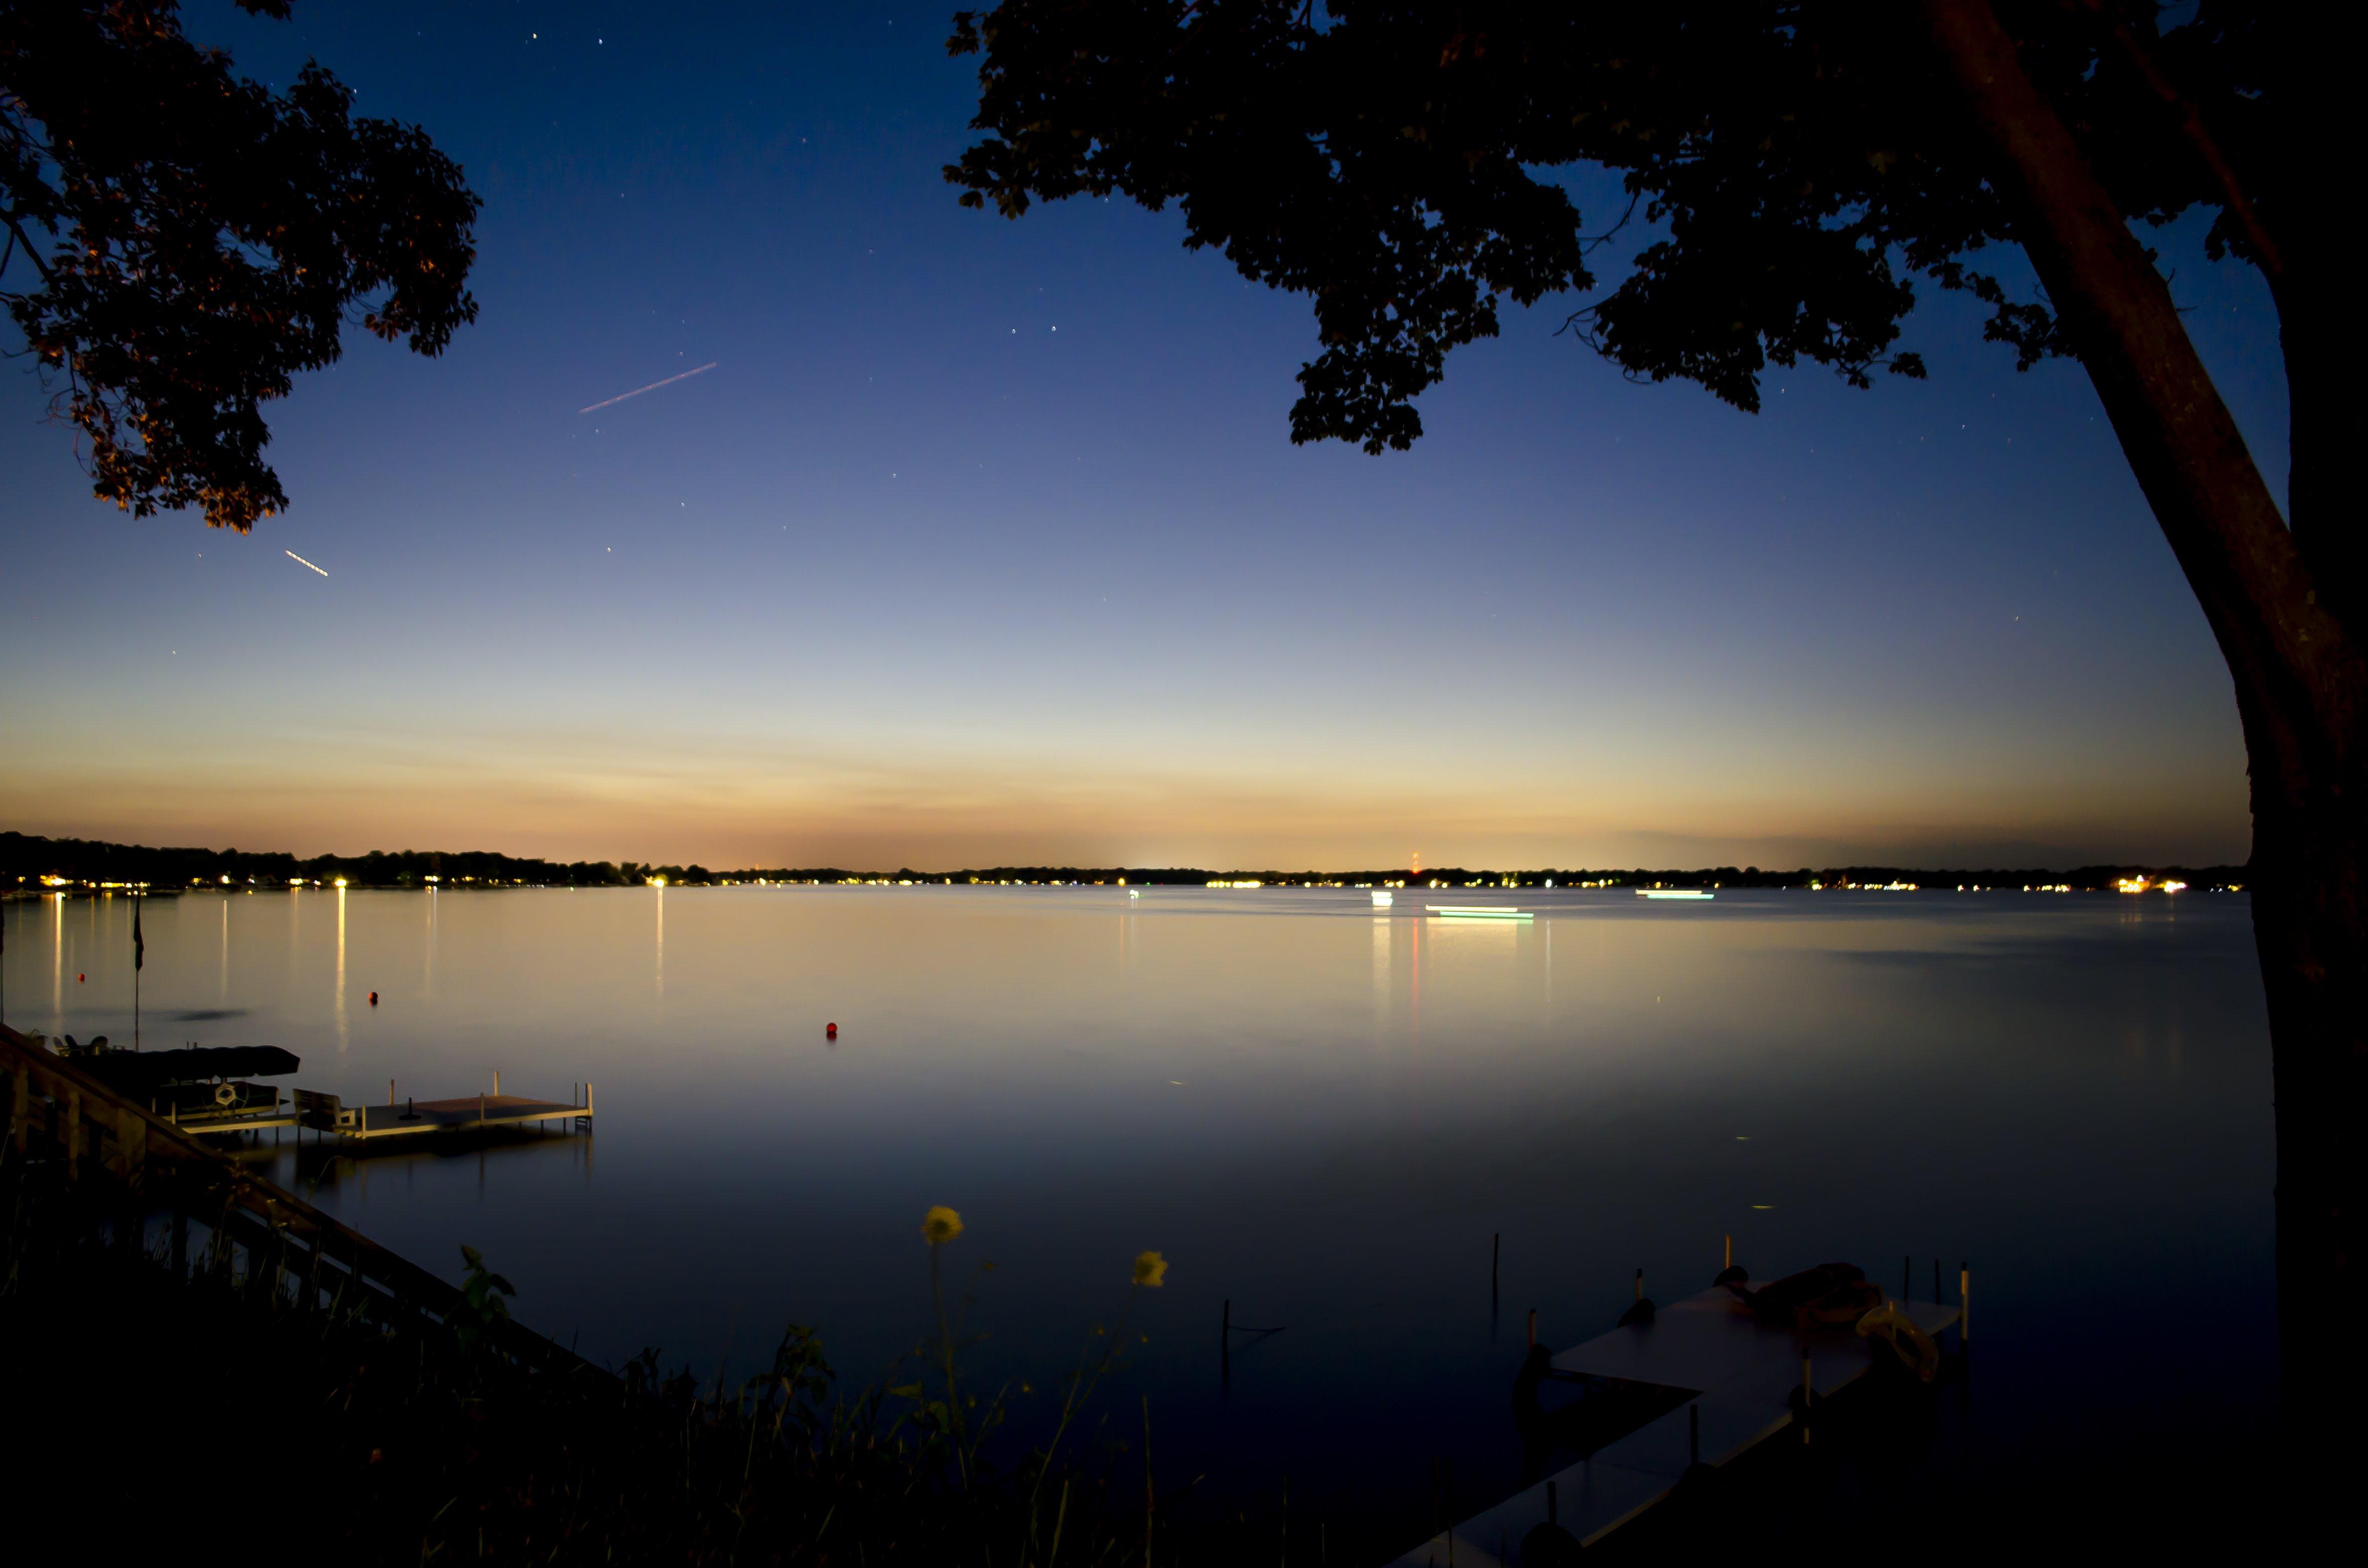 Lake Wawasee 2016 #2